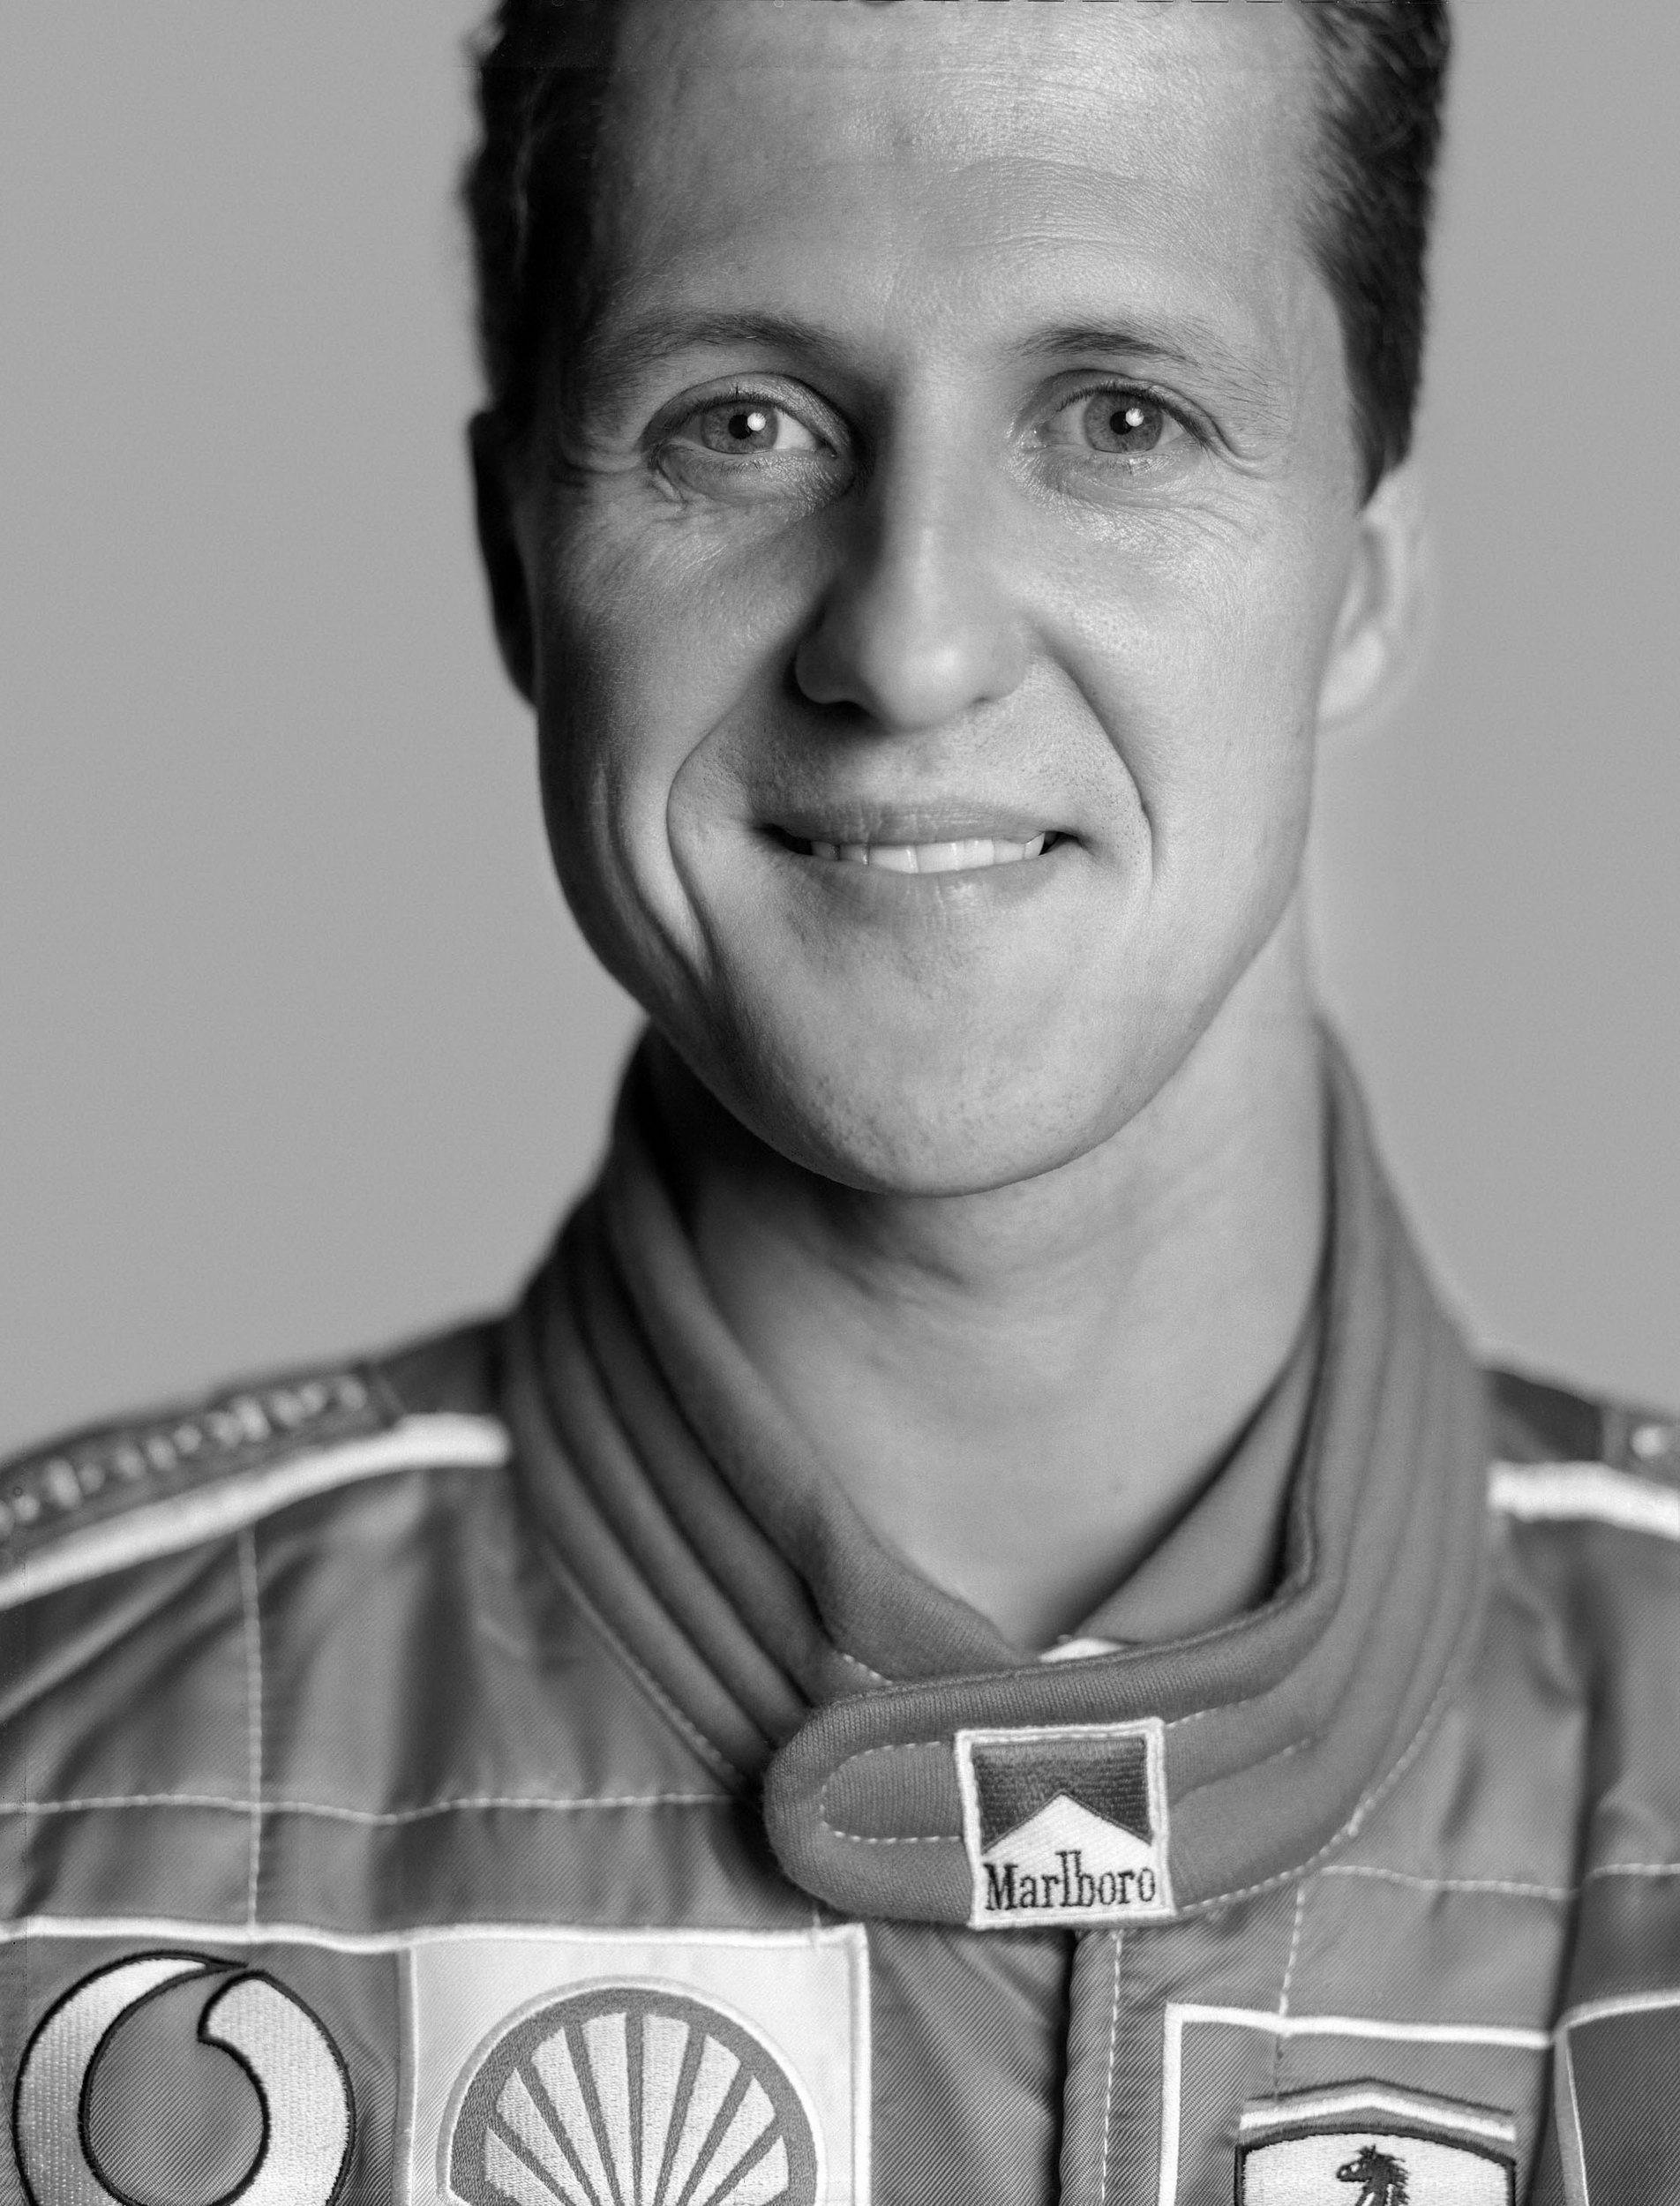 Meet The Extraordinary Michael Schumacher A Legend In His Own